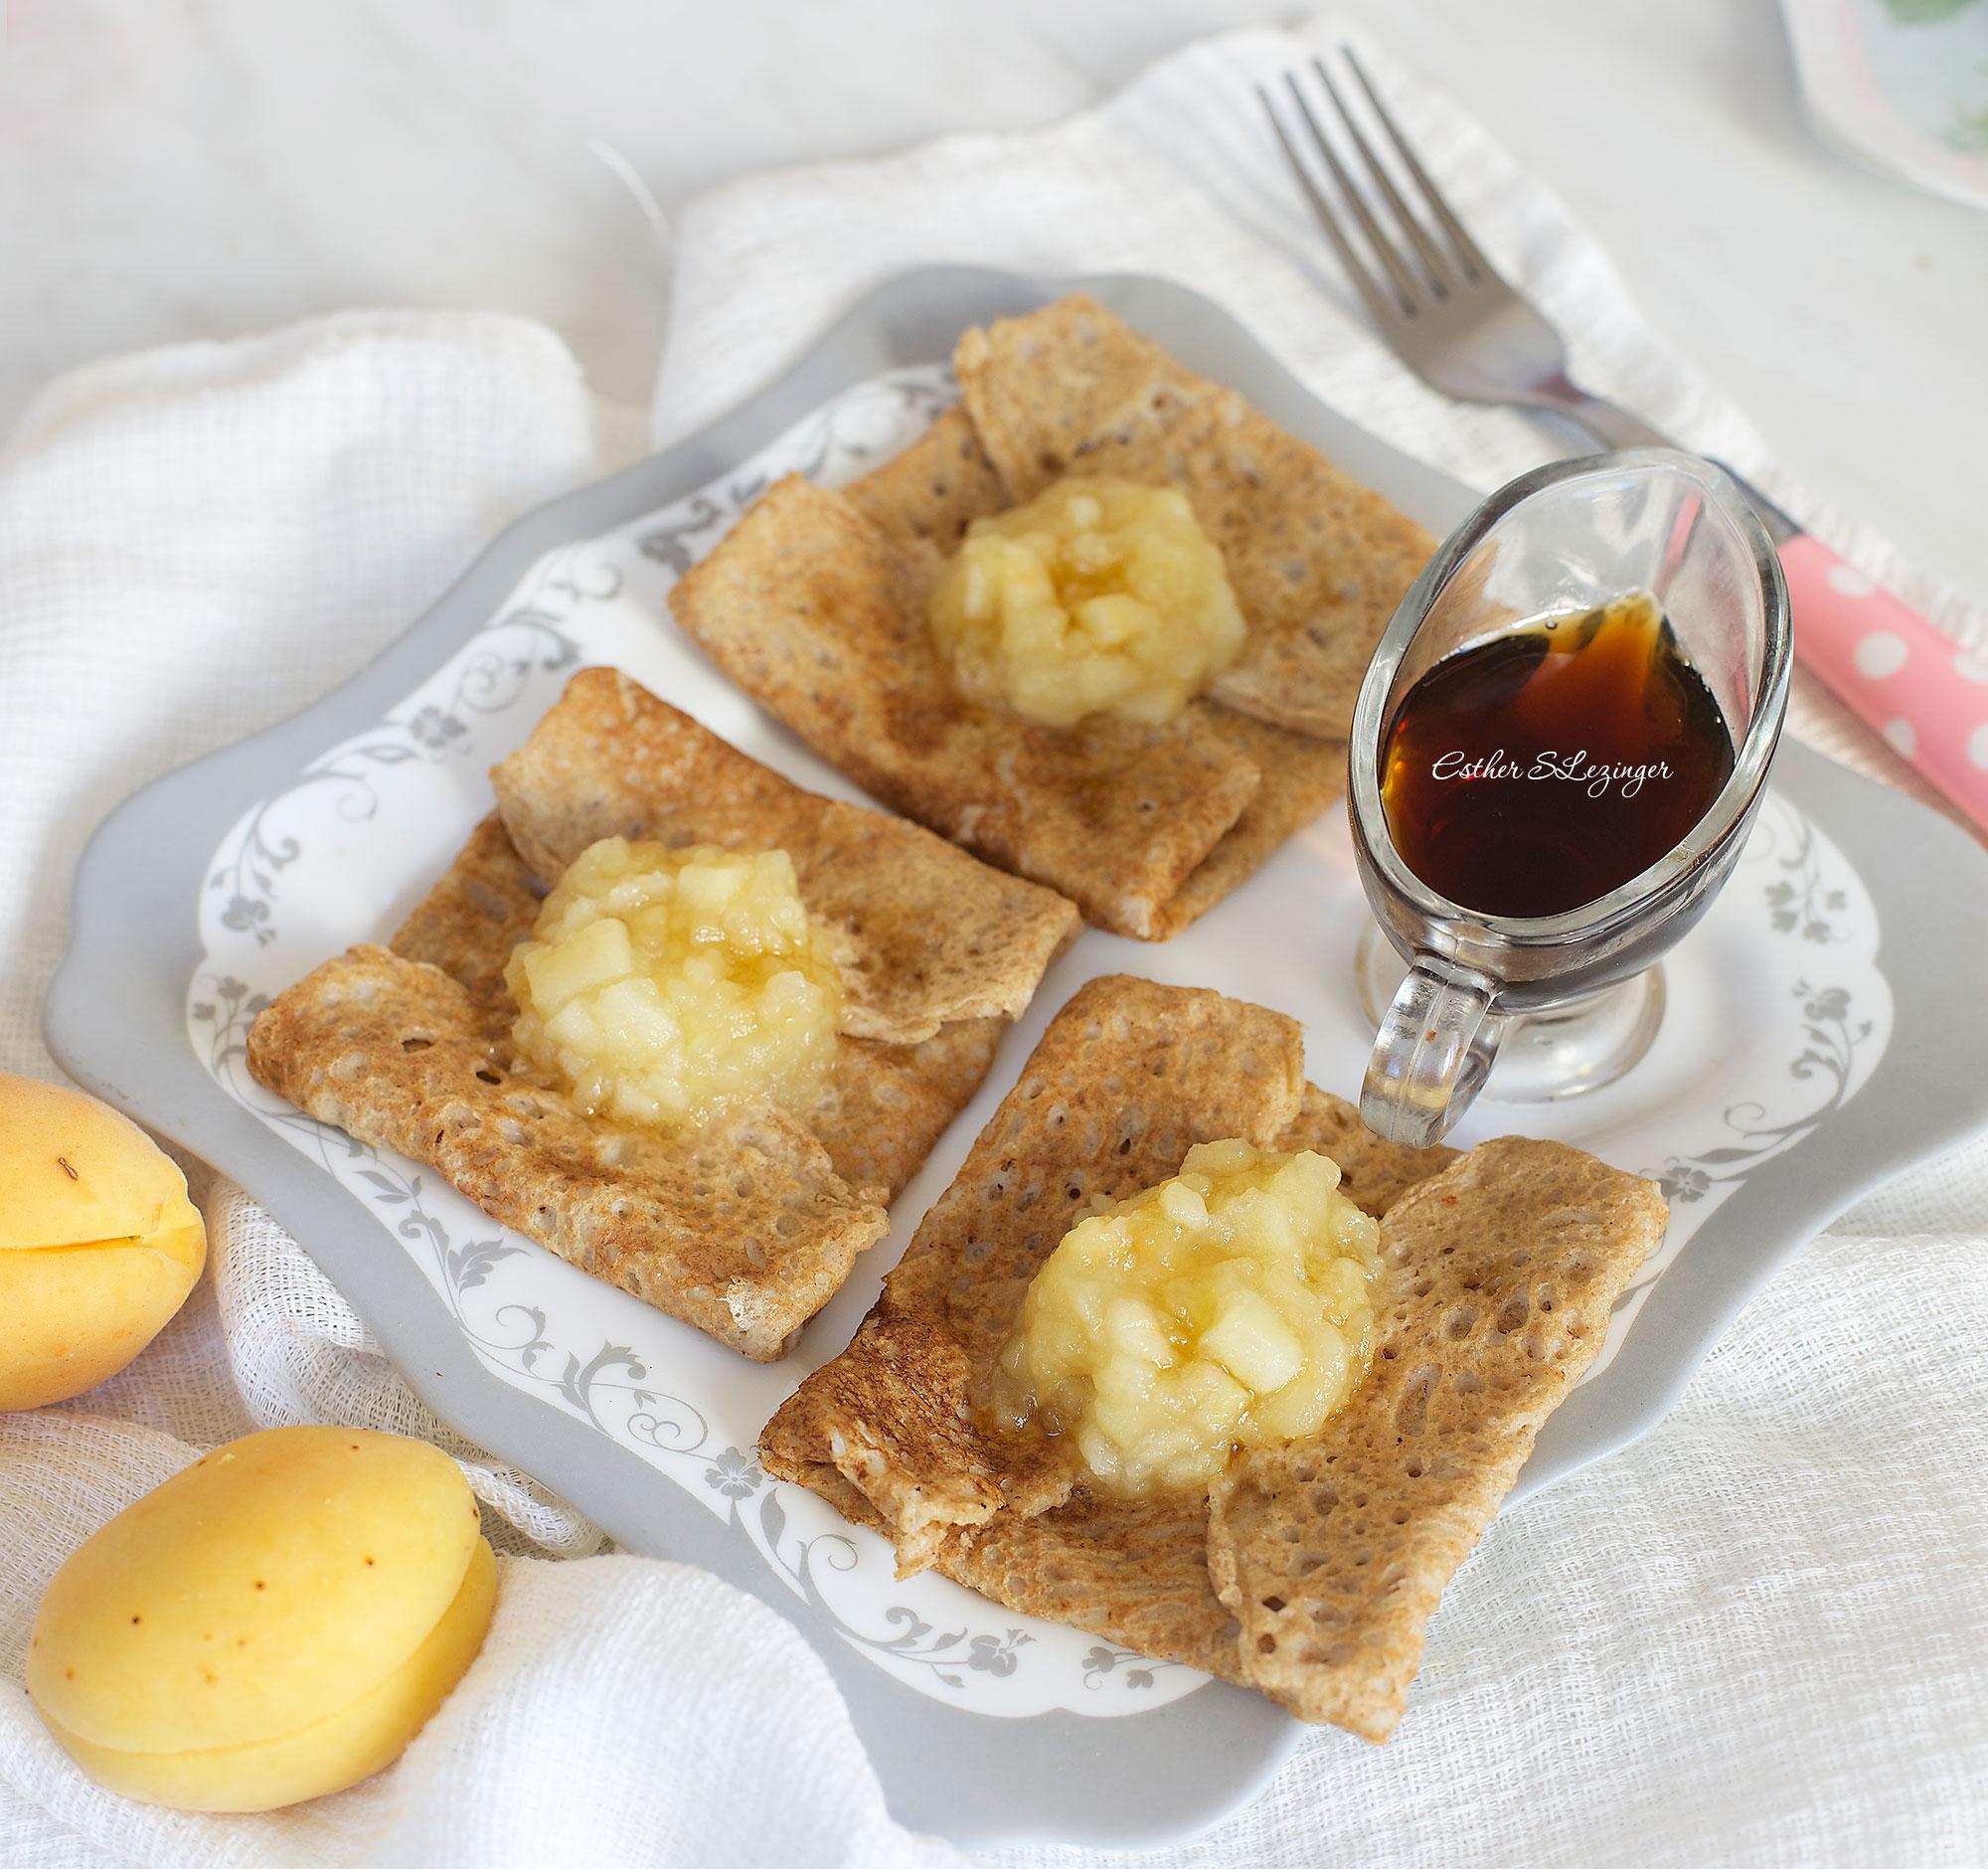 сезонные низкокалорийный завтрак рецепты с фото барнауле общественники